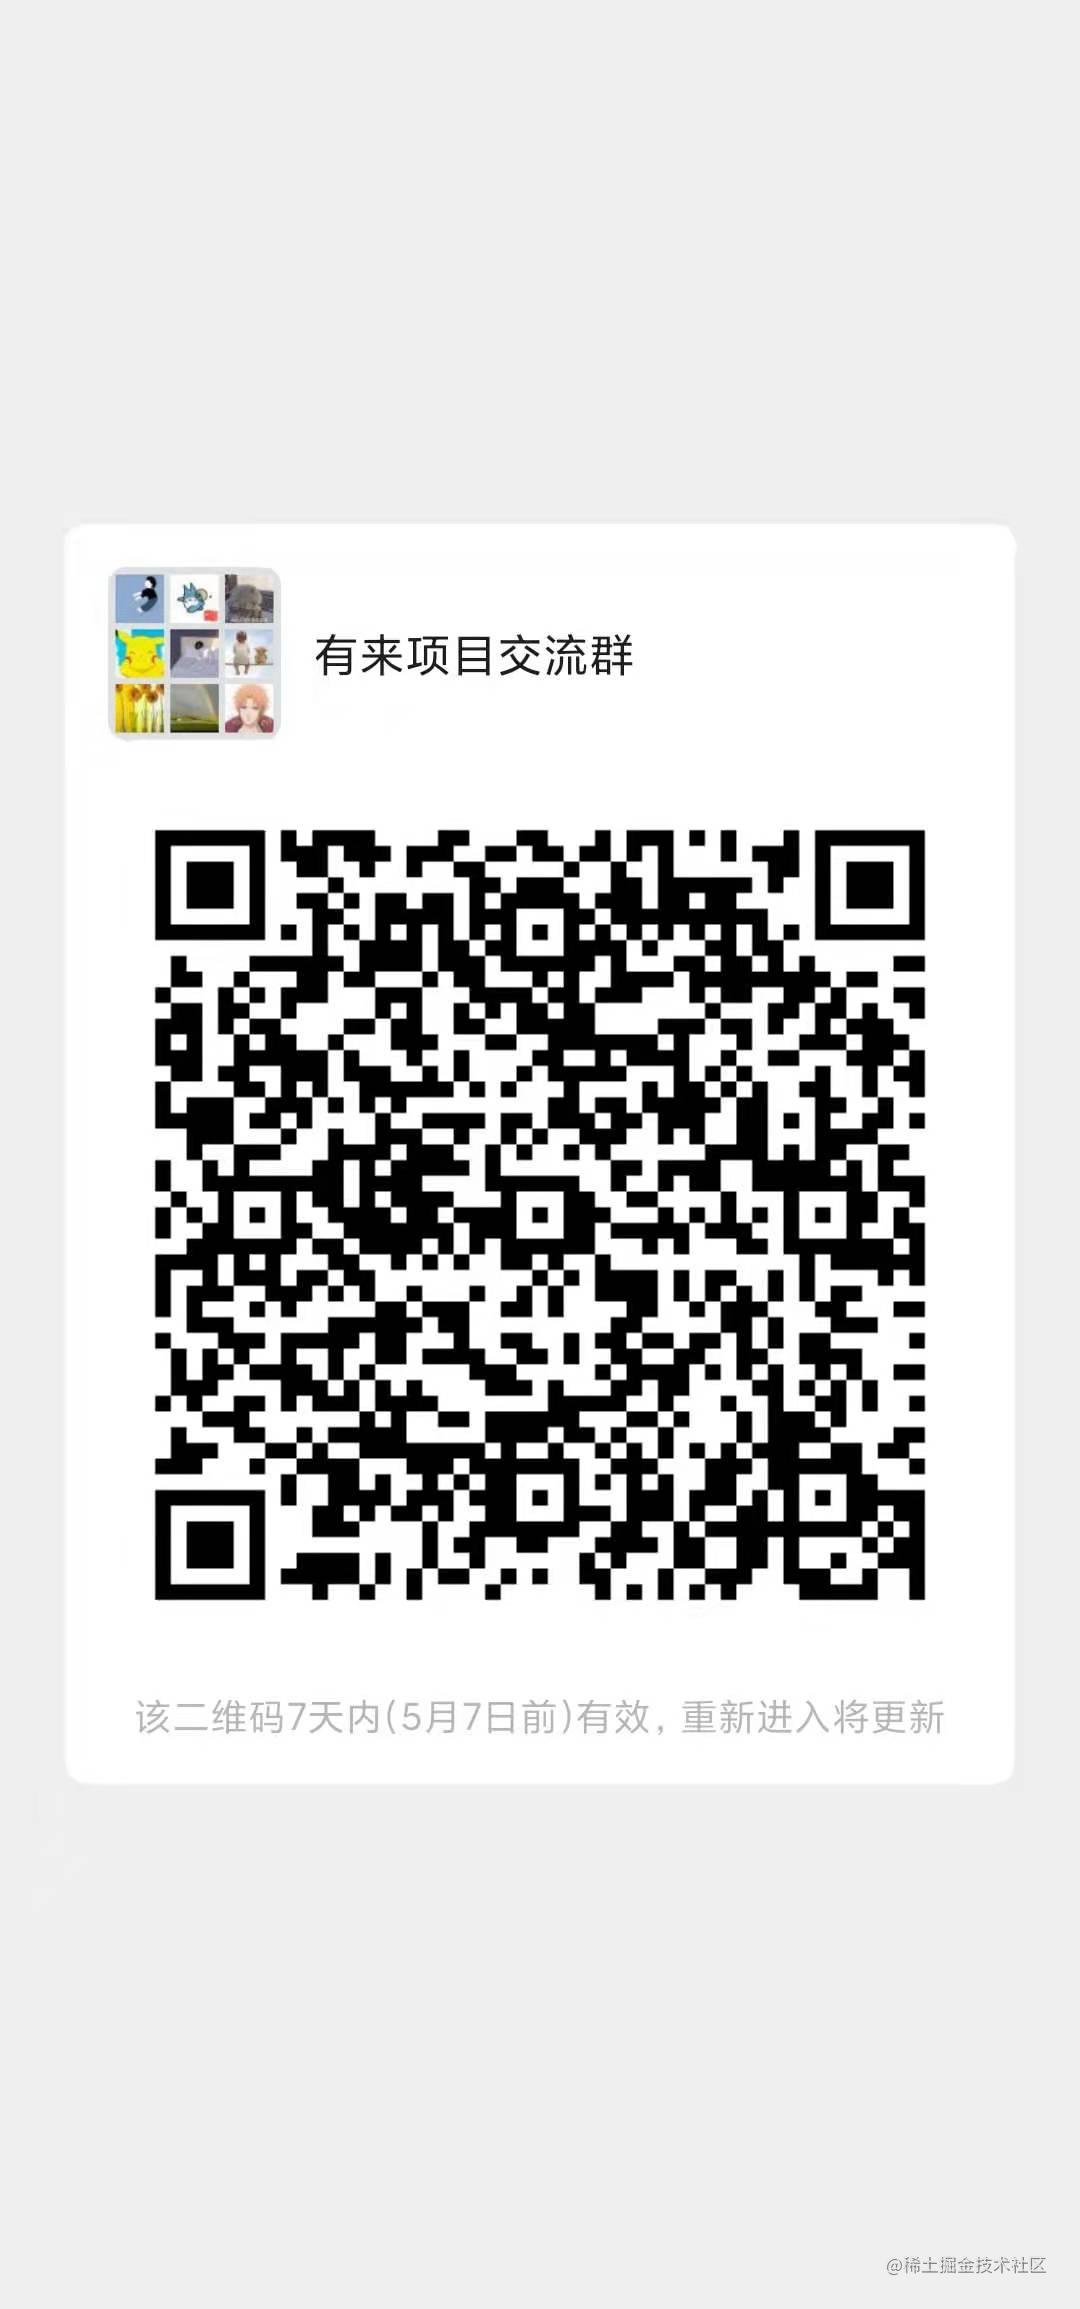 image-20210430010820093